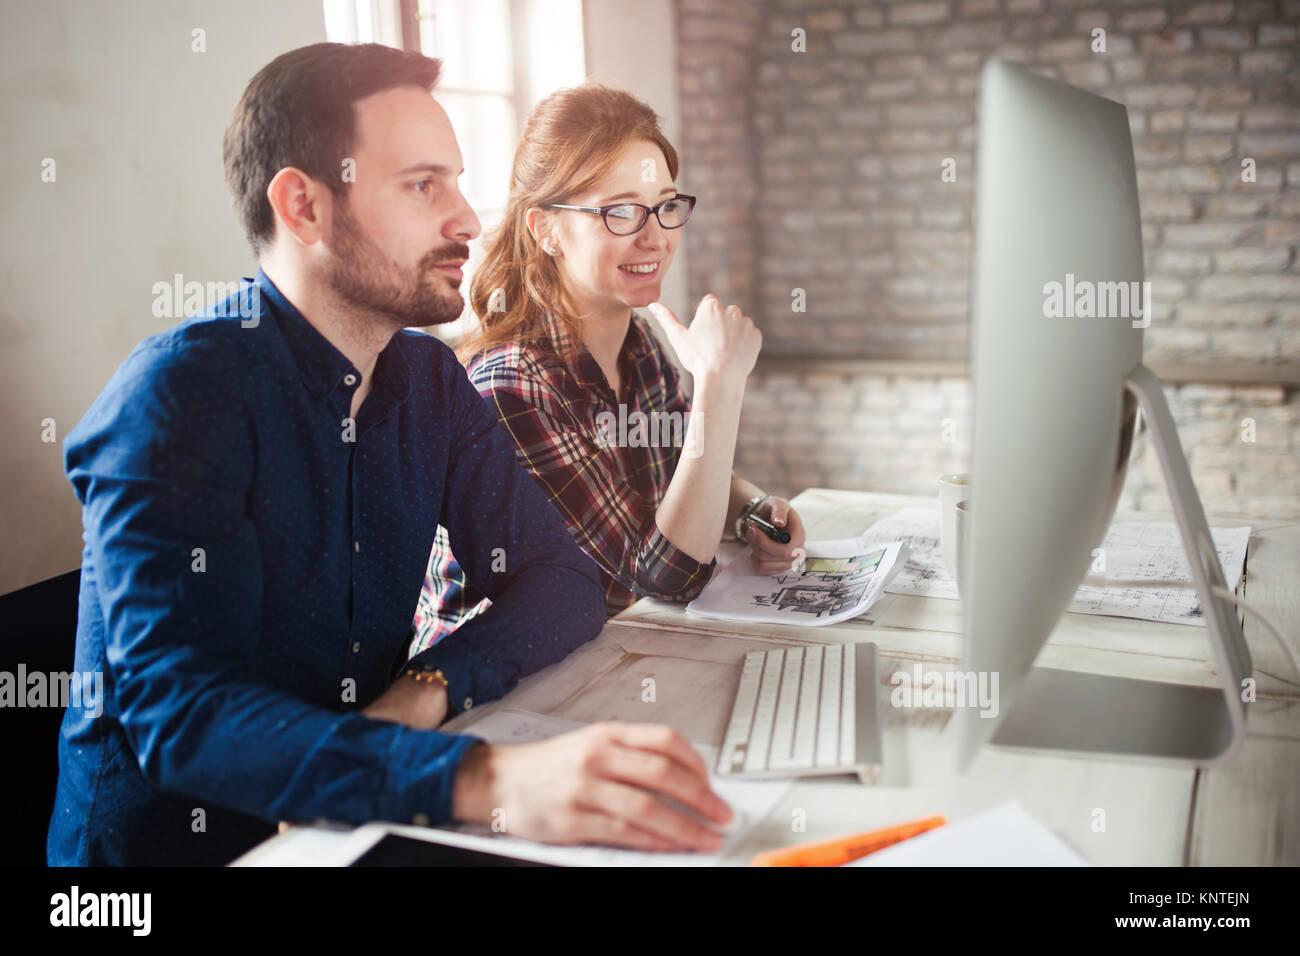 Programmierer arbeiten in einer Software-Entwicklung Unternehmen Büro Stockbild